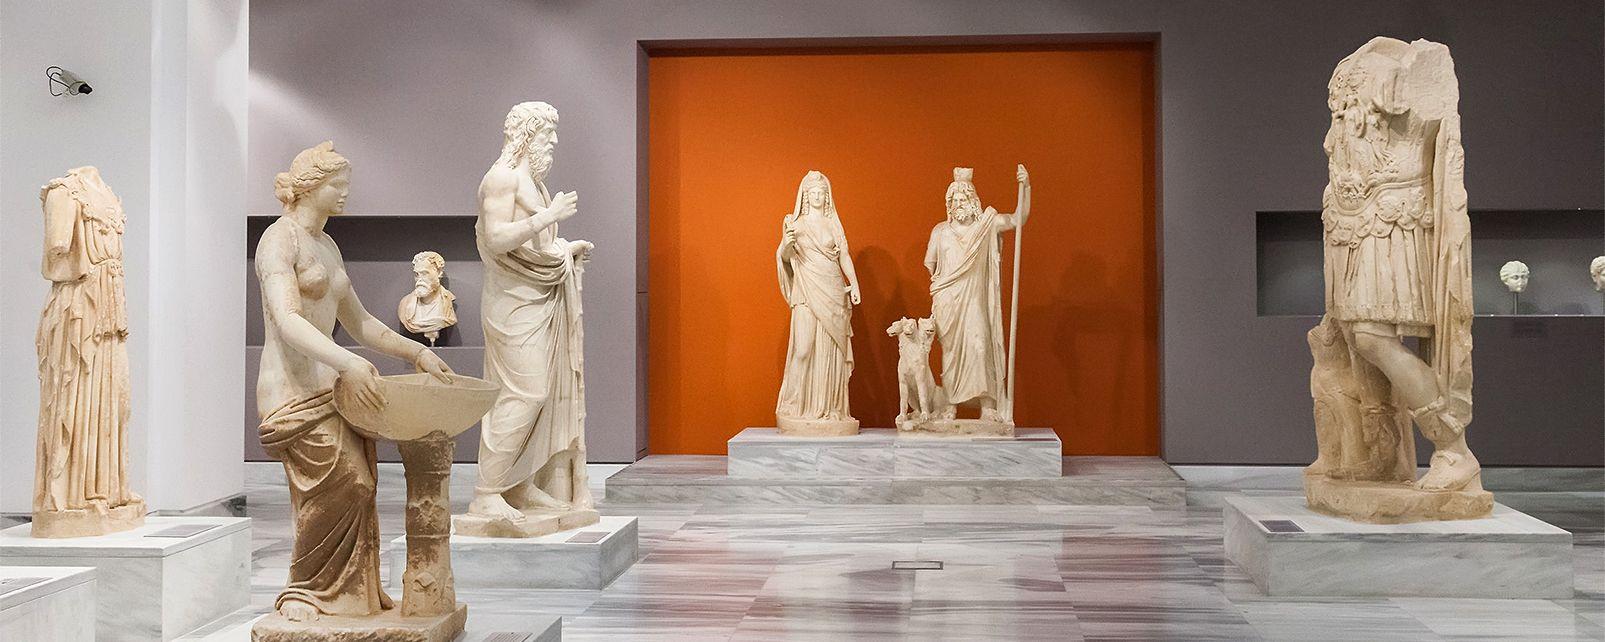 The Heraklion Museum , Heraklion Museum , Greece